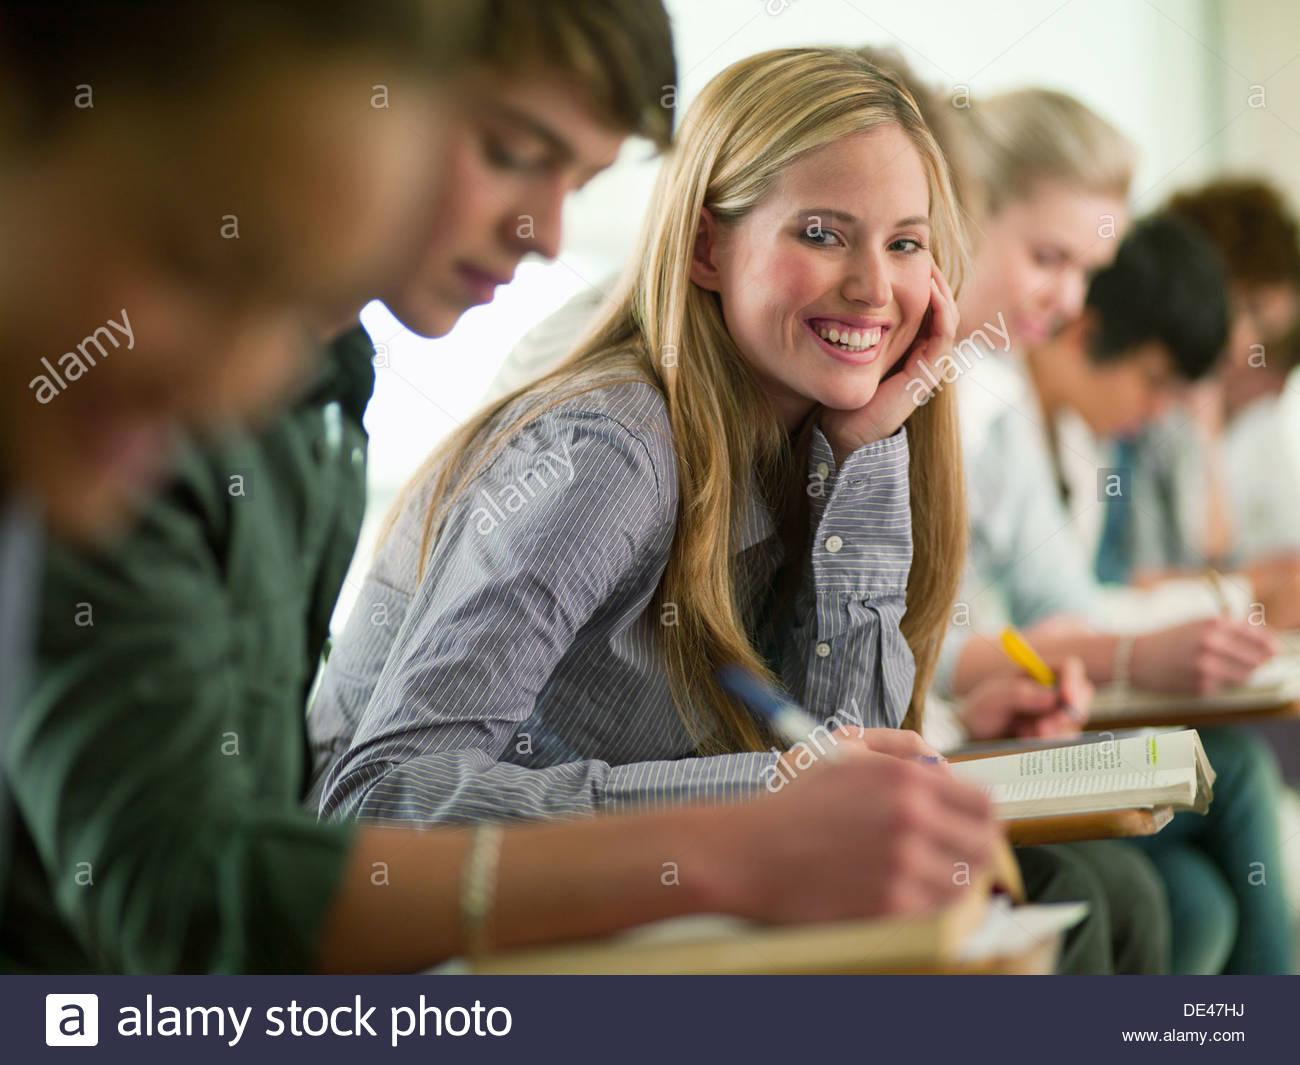 Sorridente studente di college seduto alla scrivania in aula Immagini Stock